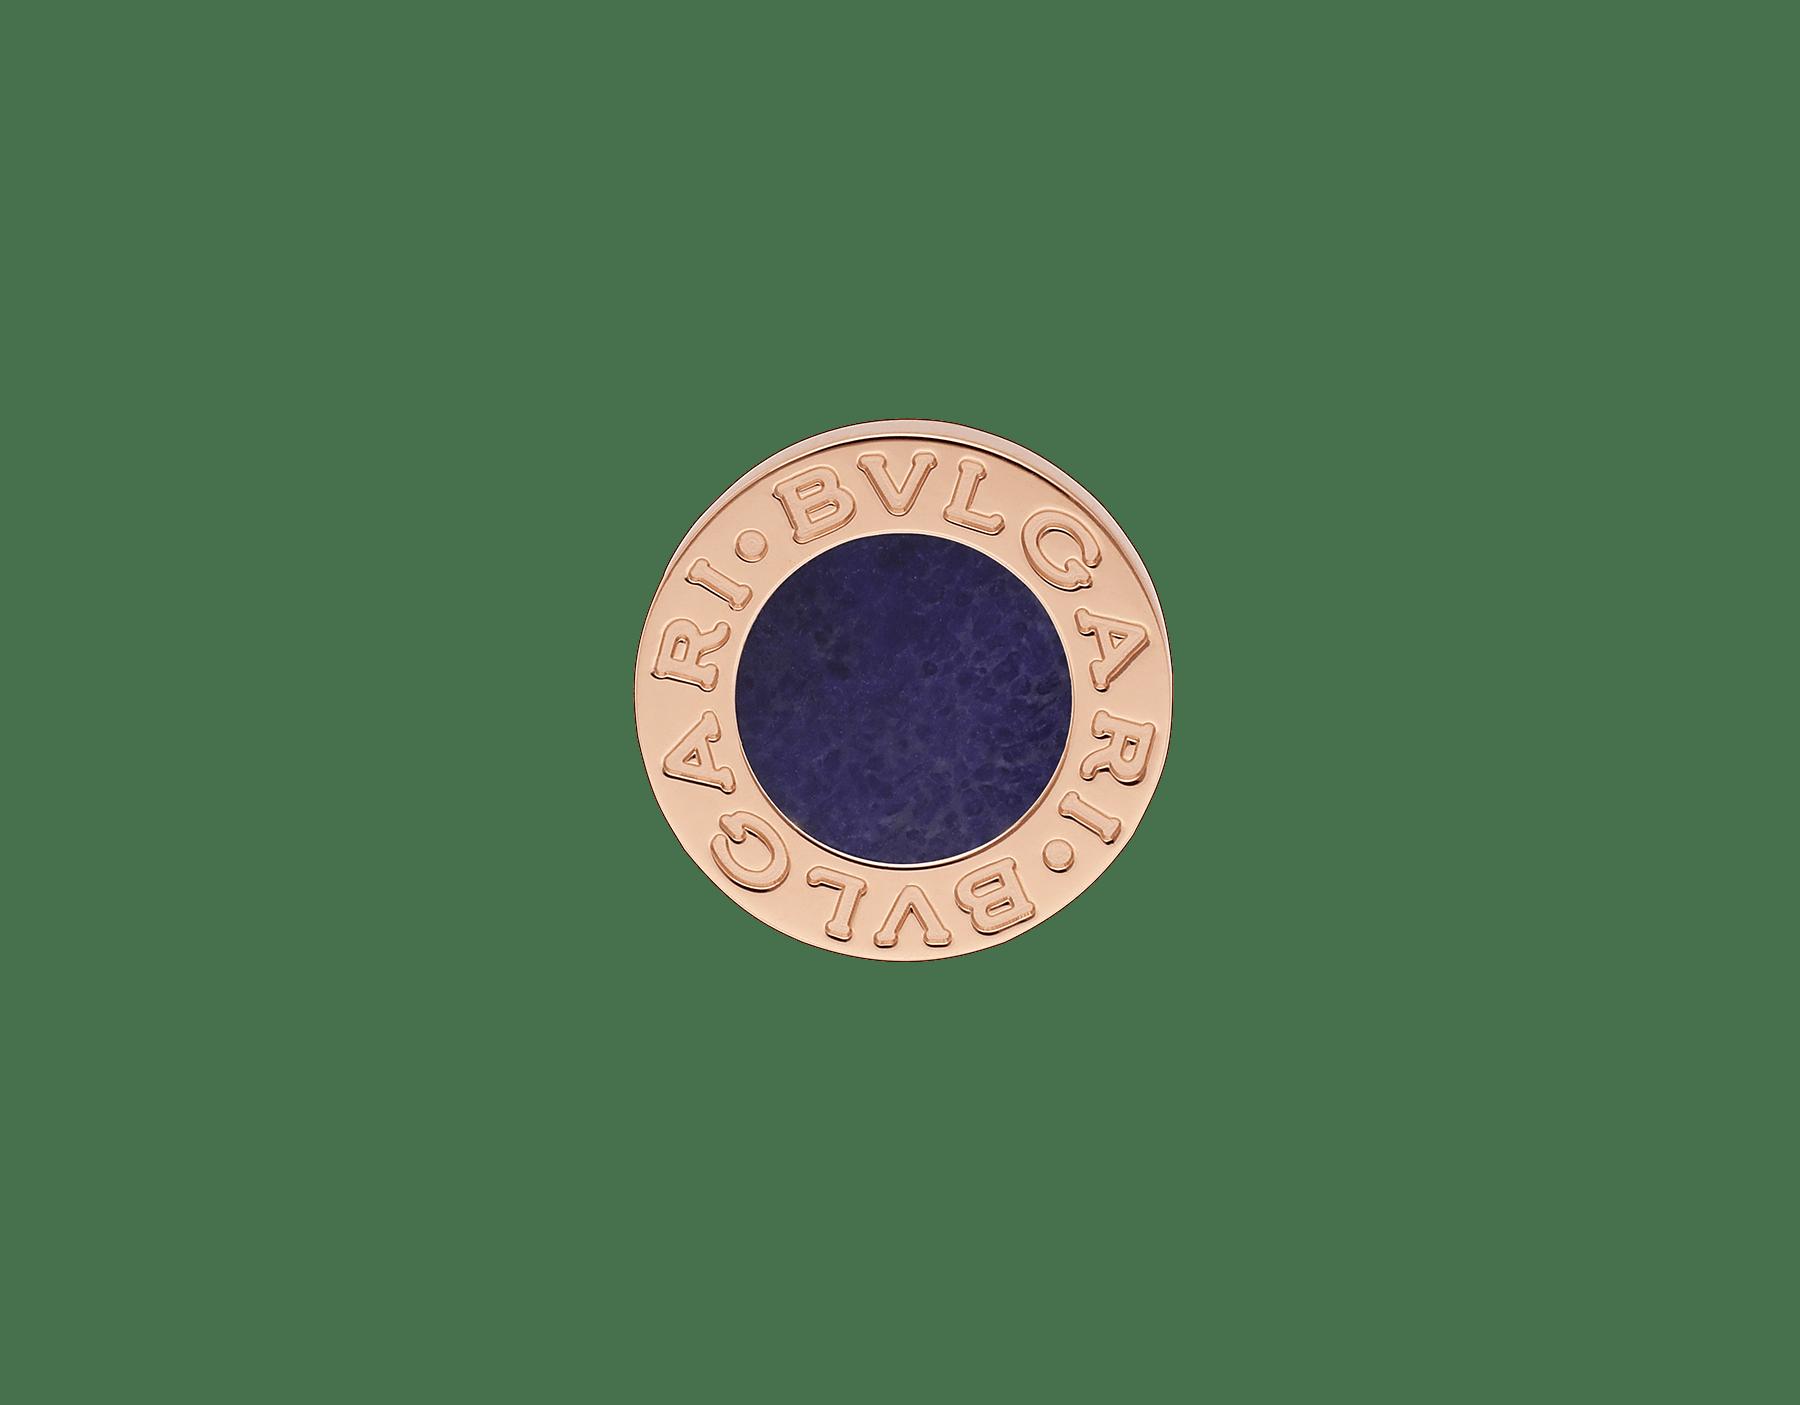 Непарная серьга BVLGARI BVLGARI, розовое золото 18 карат, элемент из сугилита 356428 image 1